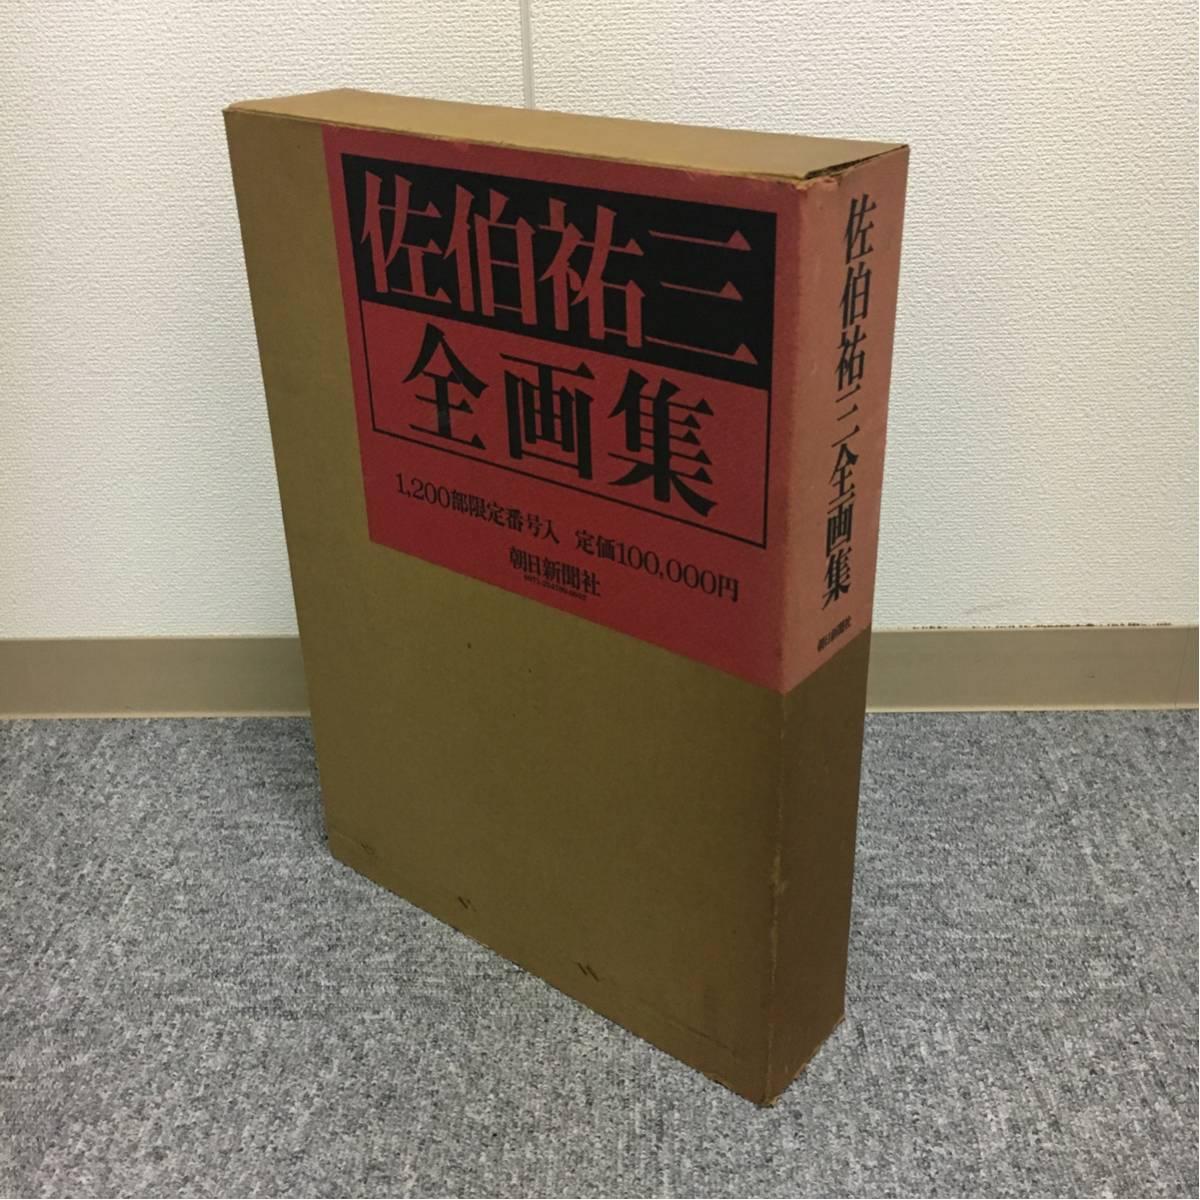 昭和54年「佐伯祐三全画集」朝日新聞社 限定版 定価10万円